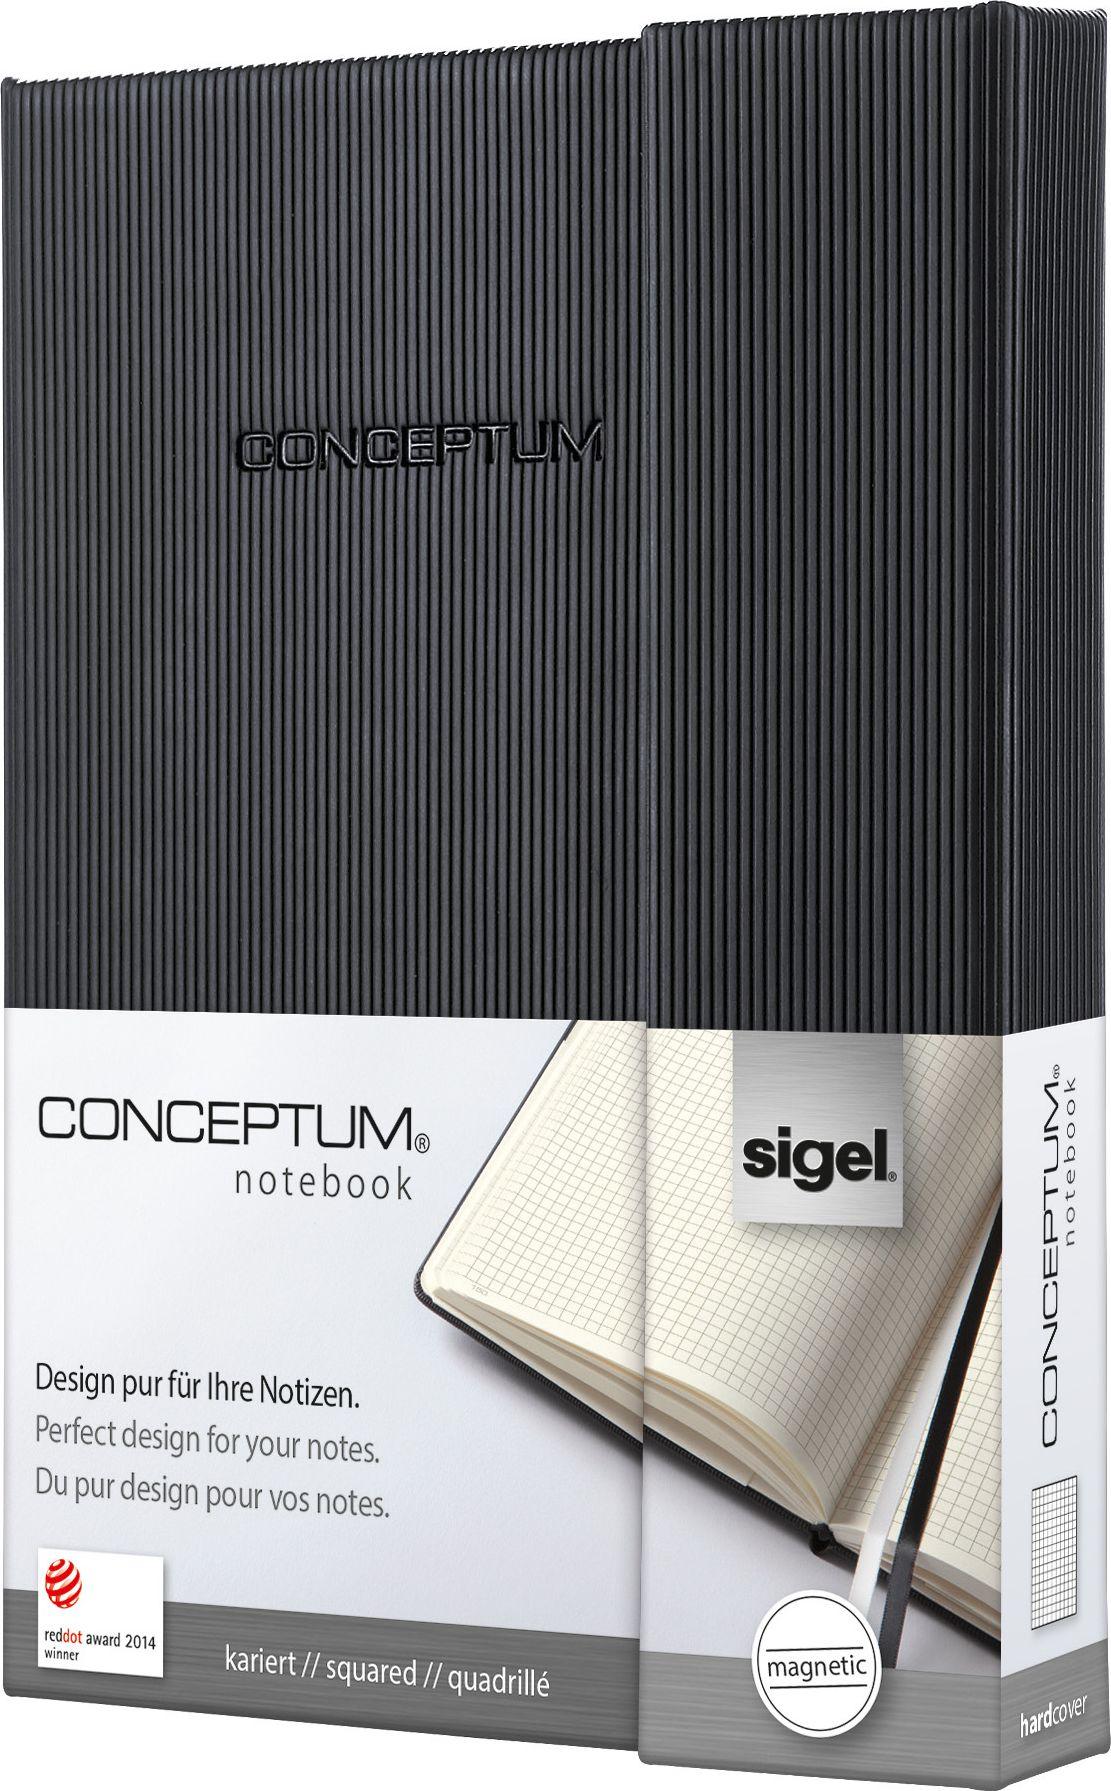 Sigel Блокнот Conceptum Hardcover цвет черный 97 листов в клетку CO171CO171Блокноты CONCEPTUM имеют собственный узнаваемый стиль и являются лауреатами нескольких международных дизайнерских премий. Превосходное исполнение, качество, которое видно в каждой детали, безукоризненный дизайн и множество интеллектуальных функций делают CONCEPTUM особенными. Блокнот CONCEPTUM Hardcover. Твердый переплет с эксклюзивной рифленой поверхностью softcover (мягкая волна), приятной на ощупь. Содержит 194 пронумерованные страницы, в том числе 20 перфорированных листов. Место для оглавления, карман на форзаце для быстрого доступа, архивный карман с отделением на 10 визитных карточек, 2 ленточные закладки разного цвета. Сертификат PEFC ответственного лесопользования. Многочисленные интеллектуальные функции и идеальный дизайн - именно эта комбинация делает блокноты CONCEPTUM отличными от остальных.Магнитная застежка - функциональная и элегантная. Обложка плотно захлопывается на магнит, ручка или карандаш надежно удерживаются внутри клапана.Петля для ручки:Усиленная эластичная петля надежно удерживает пишущий инструмент на месте. Независимо от того, предпочитаете ли вы шариковую, перьевую или капиллярную ручку или карандаш, они всегда готовы к использованию.Оглавление:Возможность сделать оглавление обеспечивает идеальную организацию. Просто запишите раздел и номер страницы в блокноте.Внутренний карман:Карман для быстрого доступа находится на форзаце. Он идеально подходит для аккуратного хранения счетов, квитанций или билетов и их быстрого поиска.Ленточные закладки для страниц с важными заметками:Блокноты CONCEPTUM поставляются с двумя лентами-закладками разного цвета, позволяя легко и быстро находить важную информацию. Цвет лент перекликается с цветом блокнота: одна - белая, вторая - в тон обложки.Нумерация страниц:Практичная нумерация страниц наряду с персональным оглавлением и двумя закладками гарантирует большую эффективность и хорошую организацию.Архивный карман с практичным слотом д